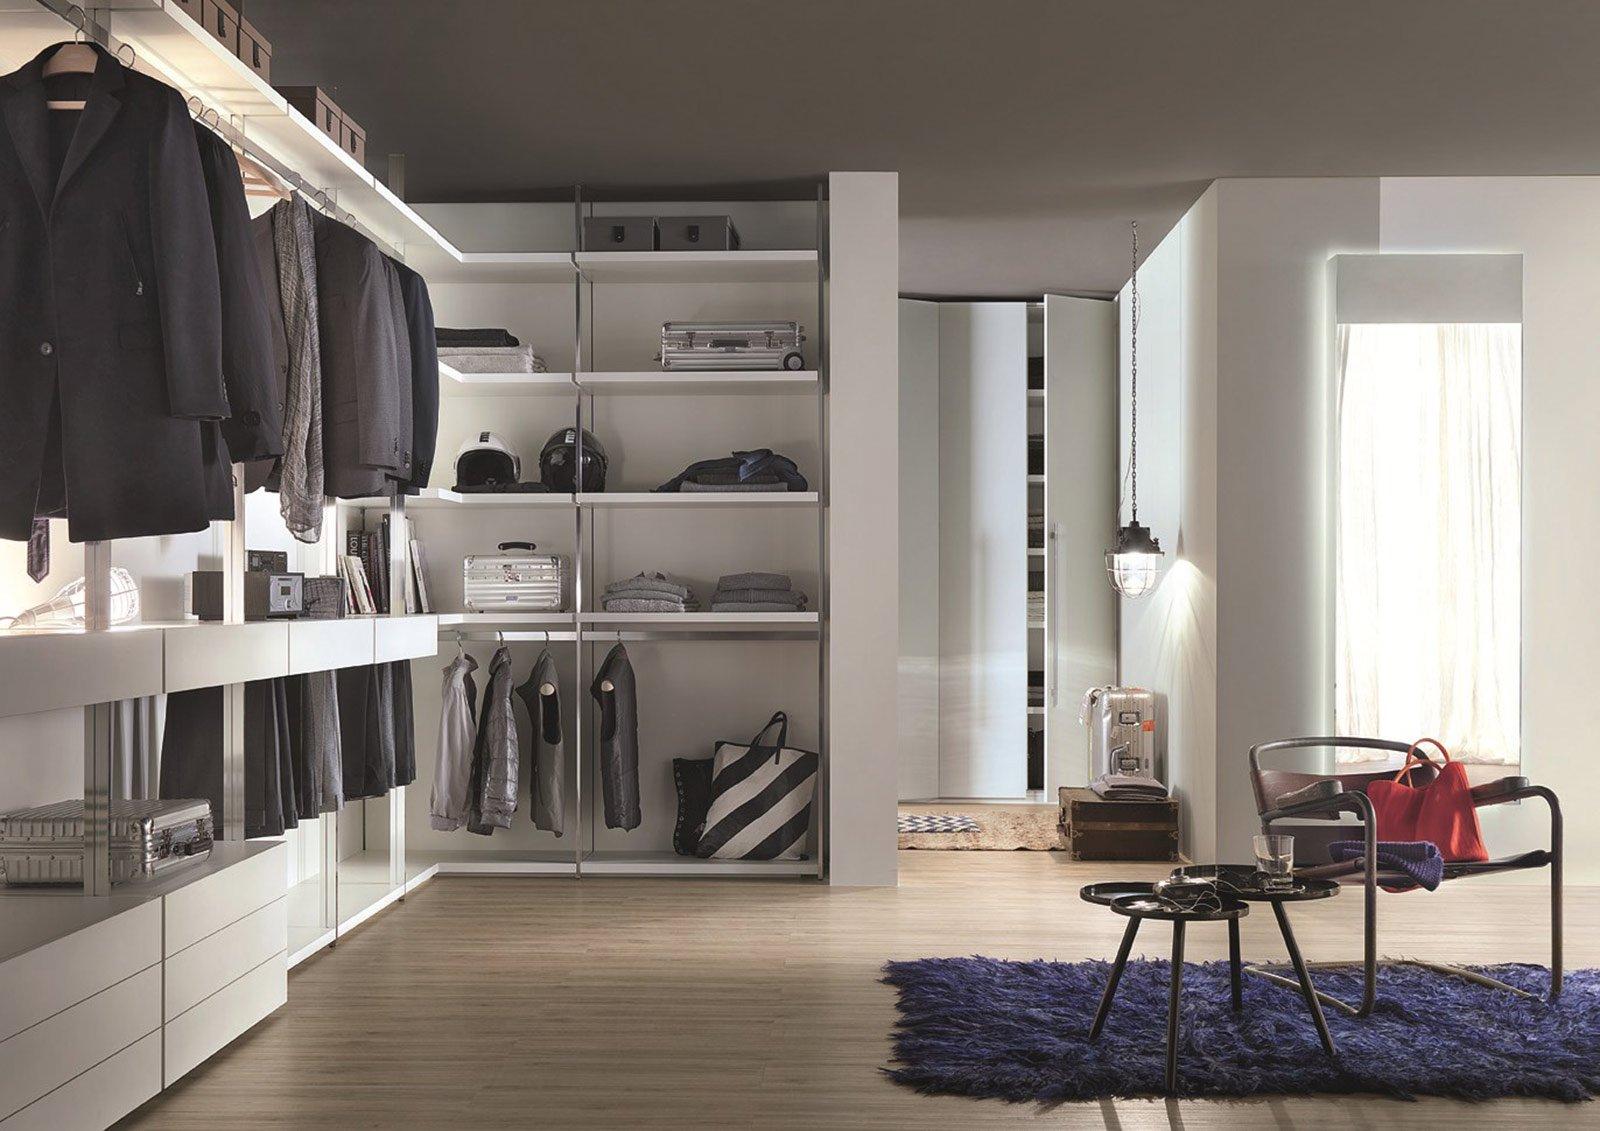 Dimensioni Minime Di Una Cabina Armadio : Cabine armadio progettiamo insieme lo spazio cose di casa